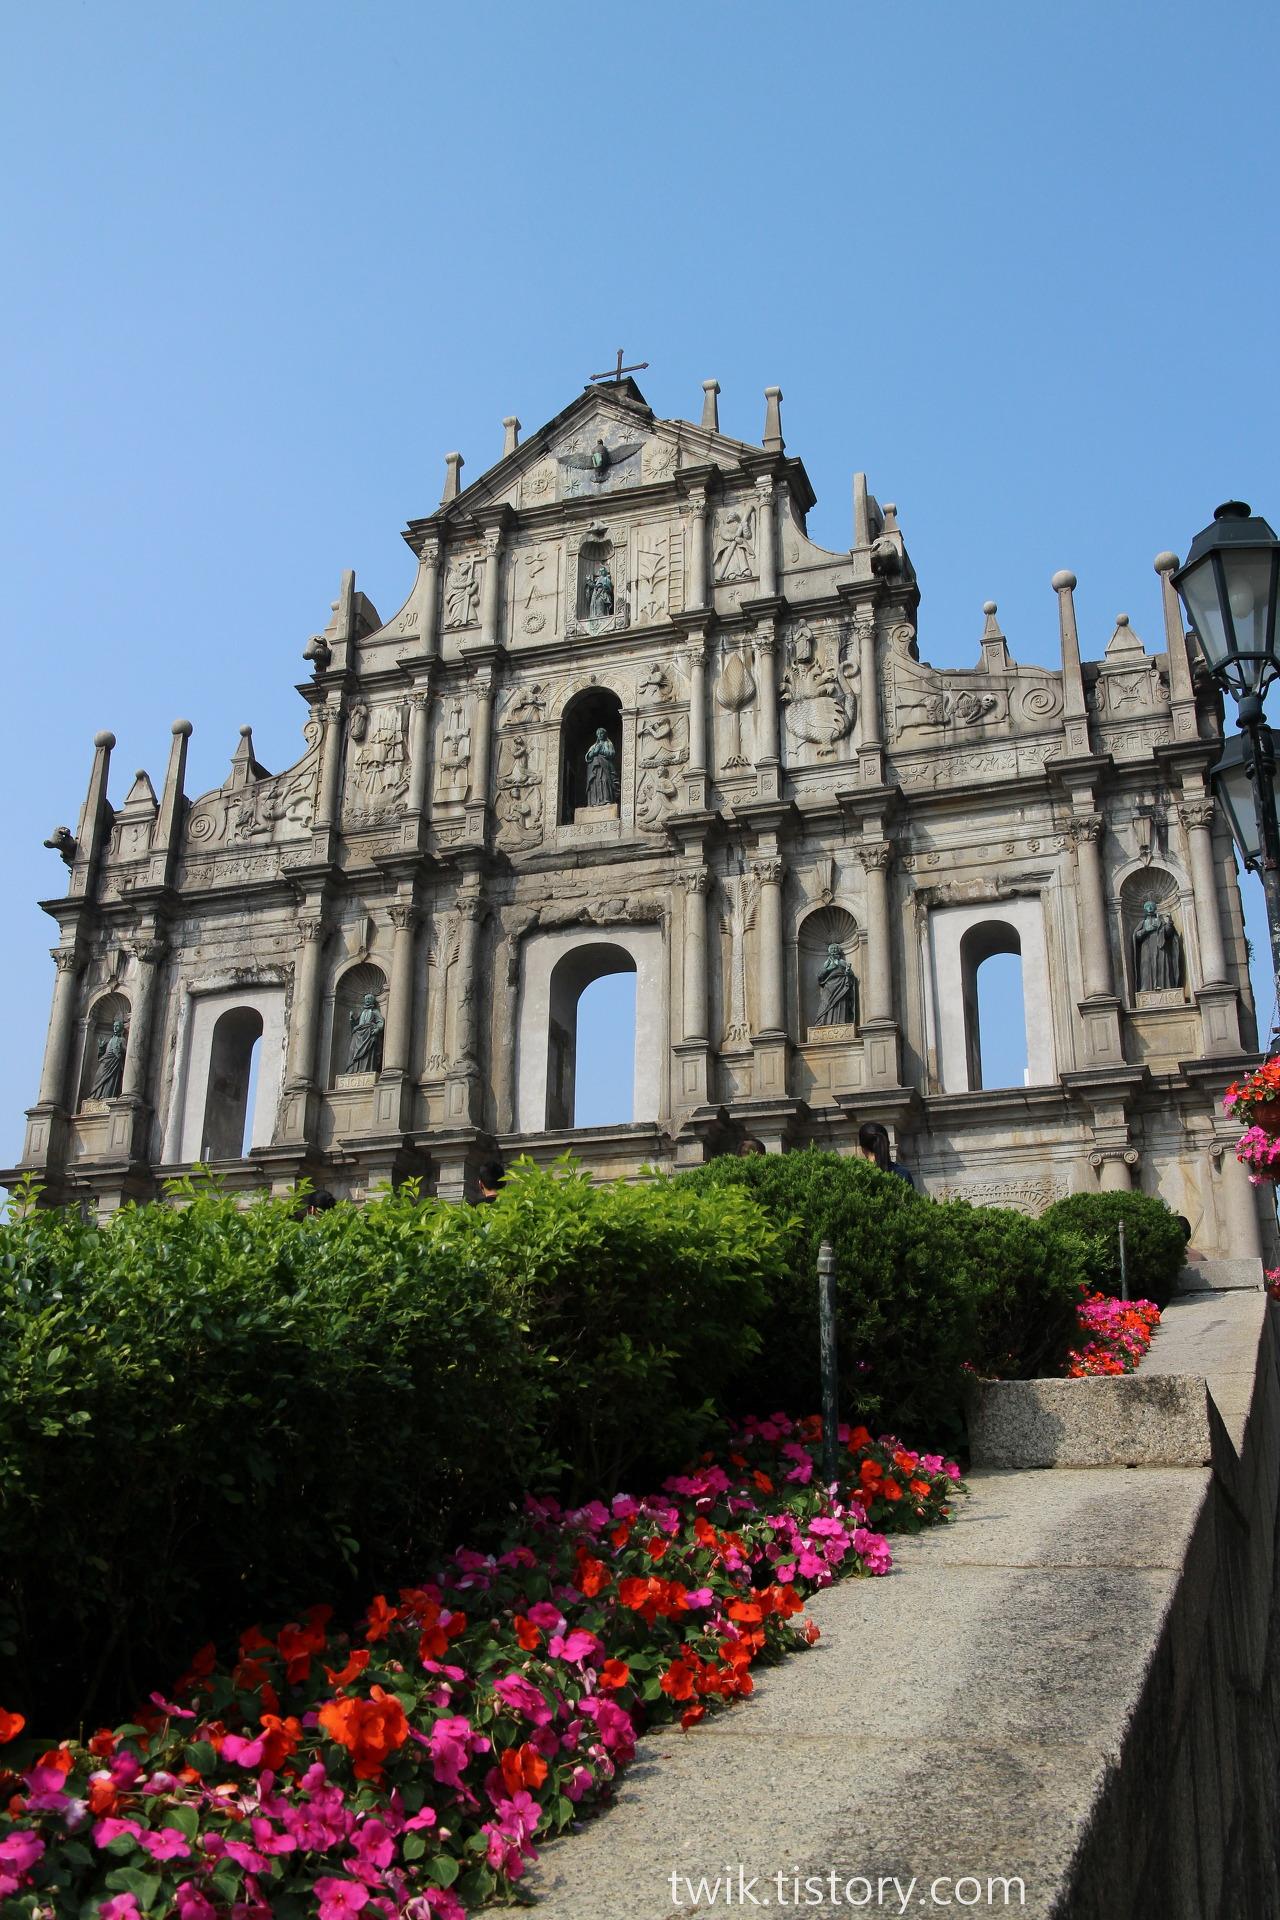 마카오(Macau) - 세나도 광장, 성 바울 성당 유적